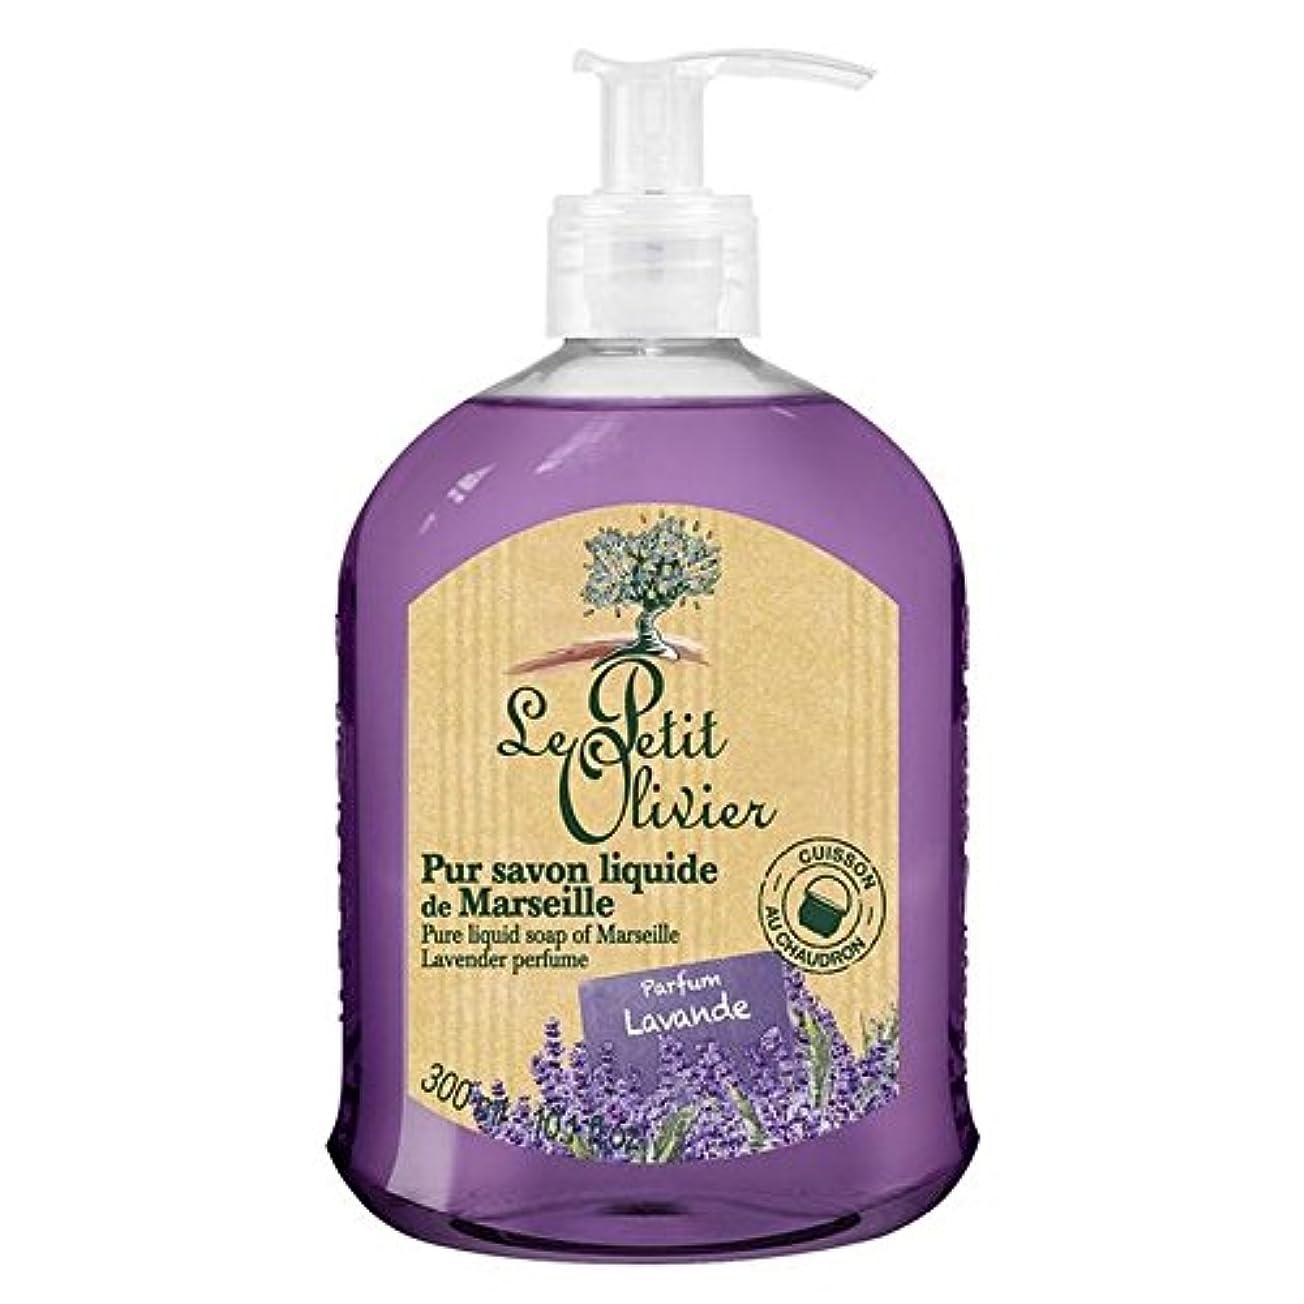 スプレースチュワード人工Le Petit Olivier Pure Liquid Soap of Marseille, Lavender 300ml (Pack of 6) - マルセイユのル?プティ?オリヴィエ純粋な液体石鹸、ラベンダー300...